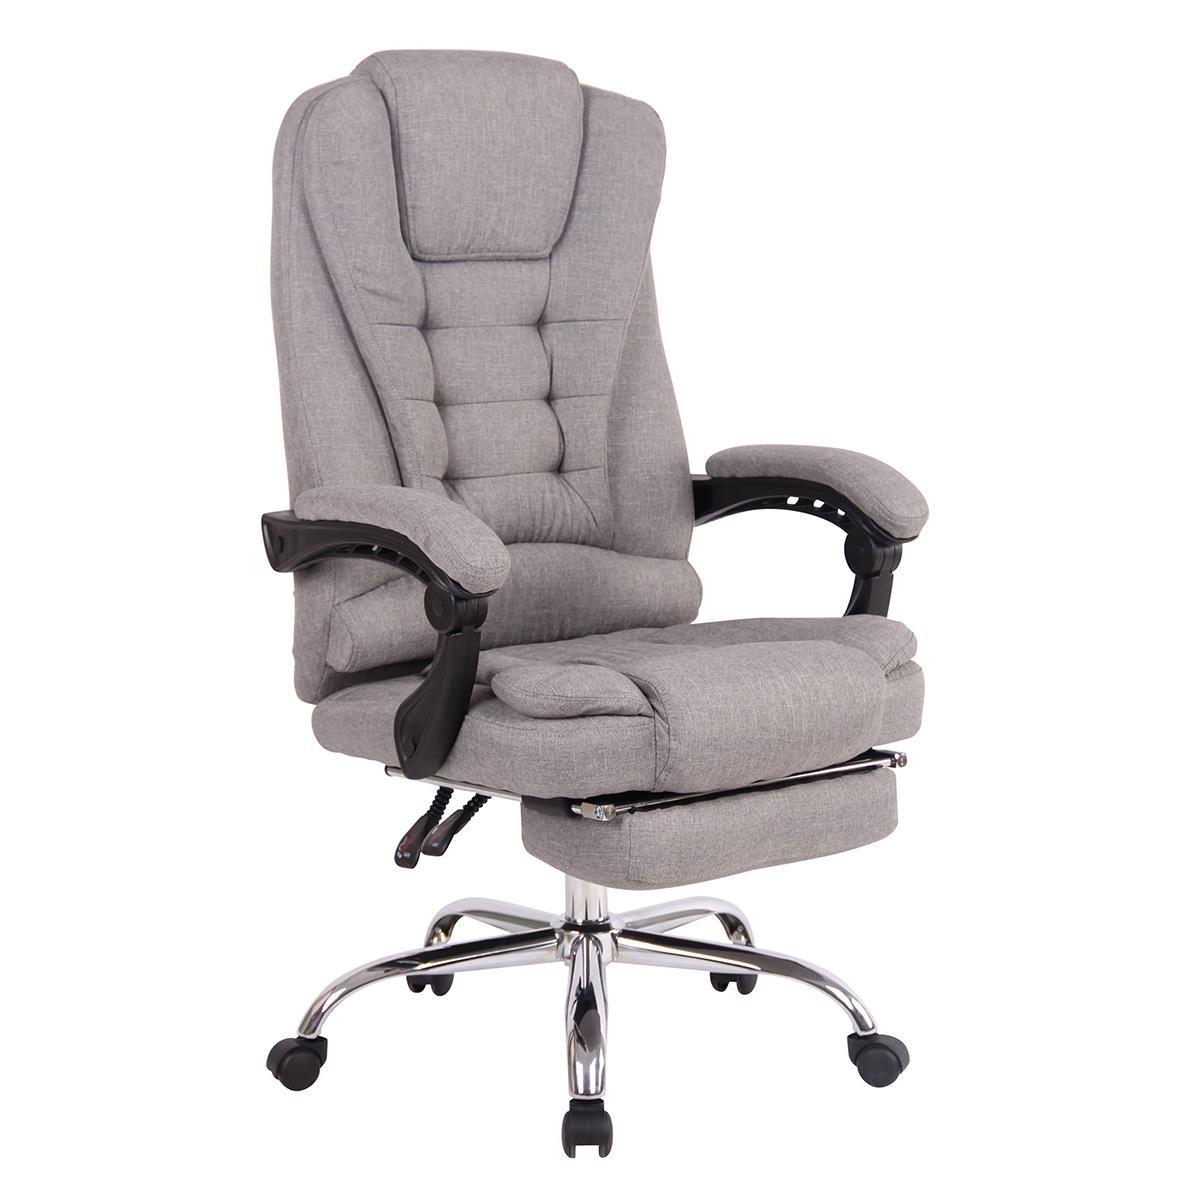 Fauteuil De Bureau James, Repose-Pieds, Grand Confort ... tout Repose Pied Bureau Ikea